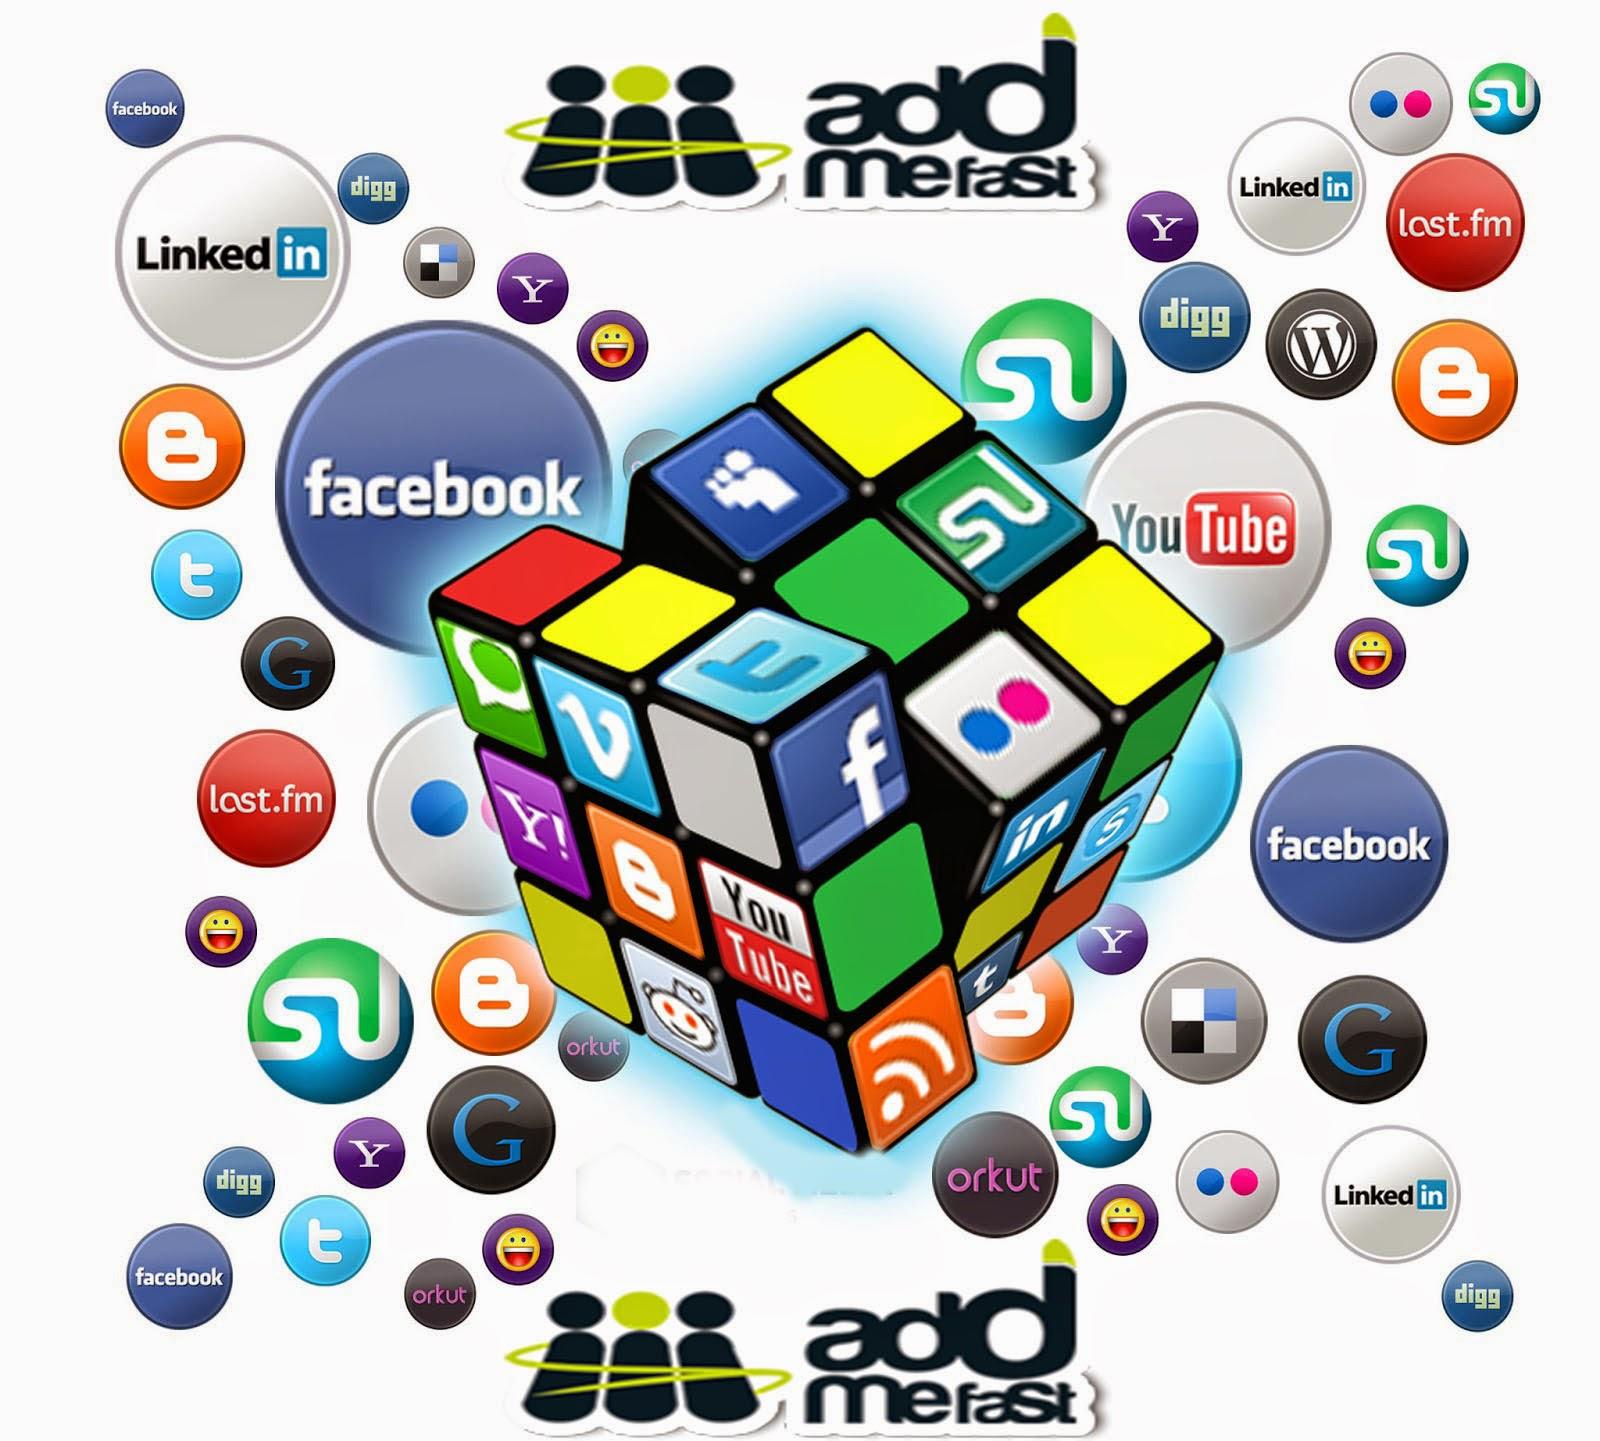 أفضل الطرق لزيادة معجبين ومتابعين صفحات الفيس بوك ومشتركين ومتابعين يوتيوب وتويتر